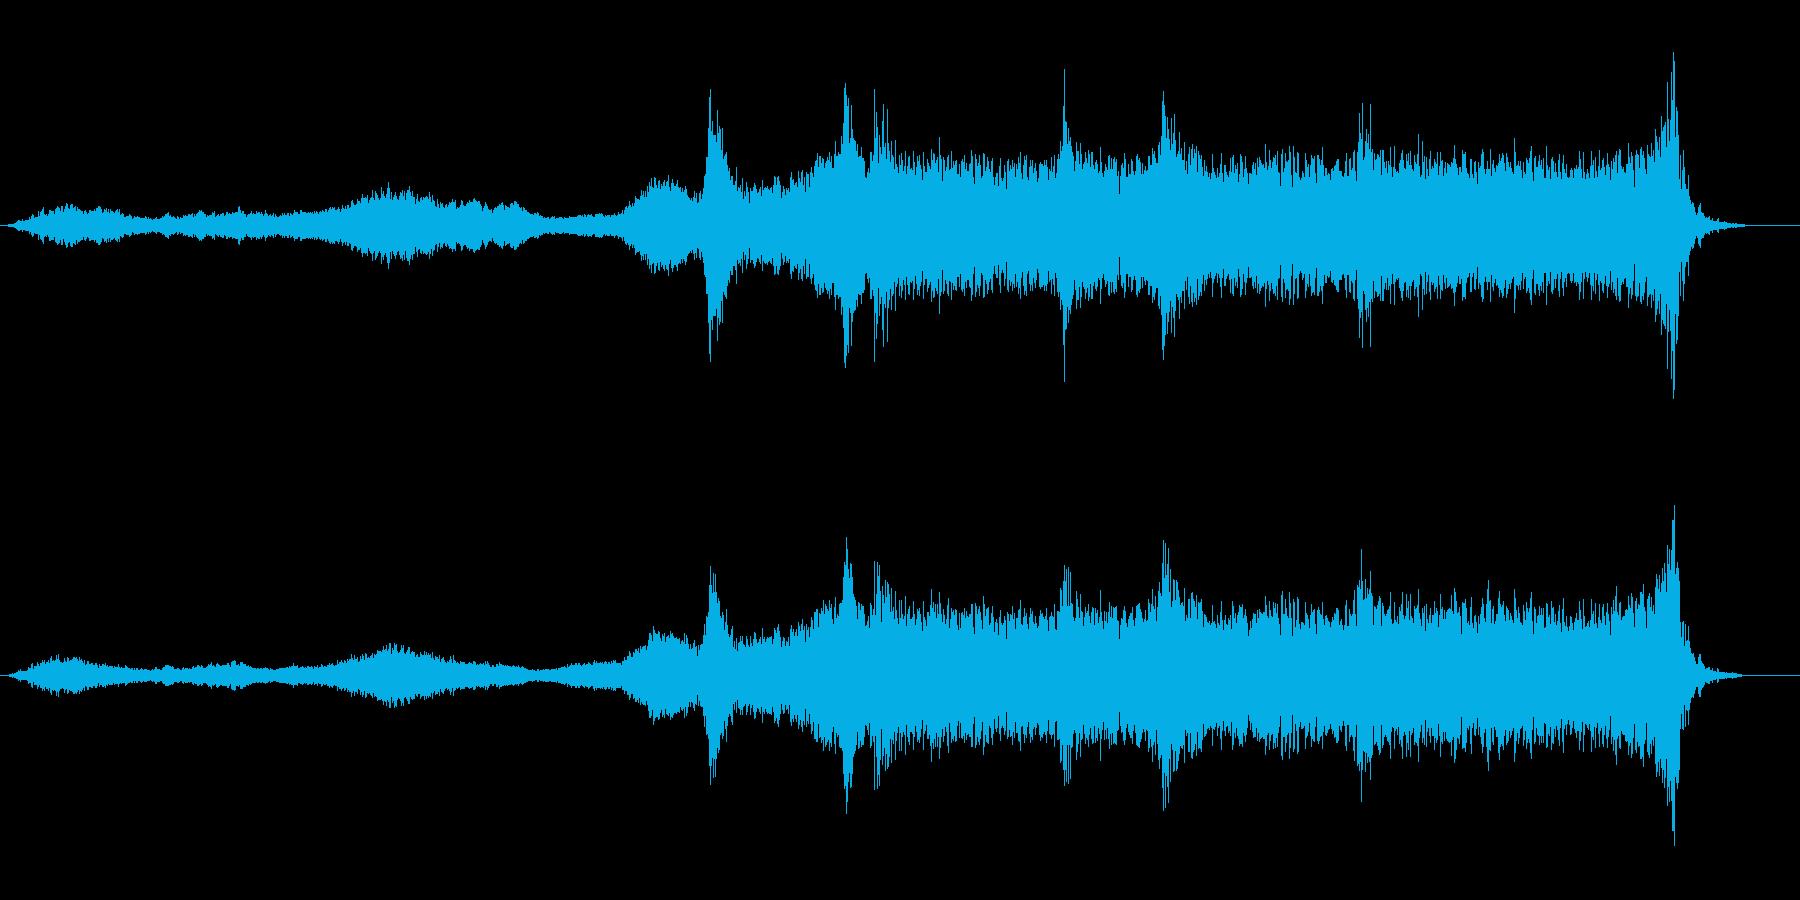 事件現場や潜入中に合いそうなBGMの再生済みの波形